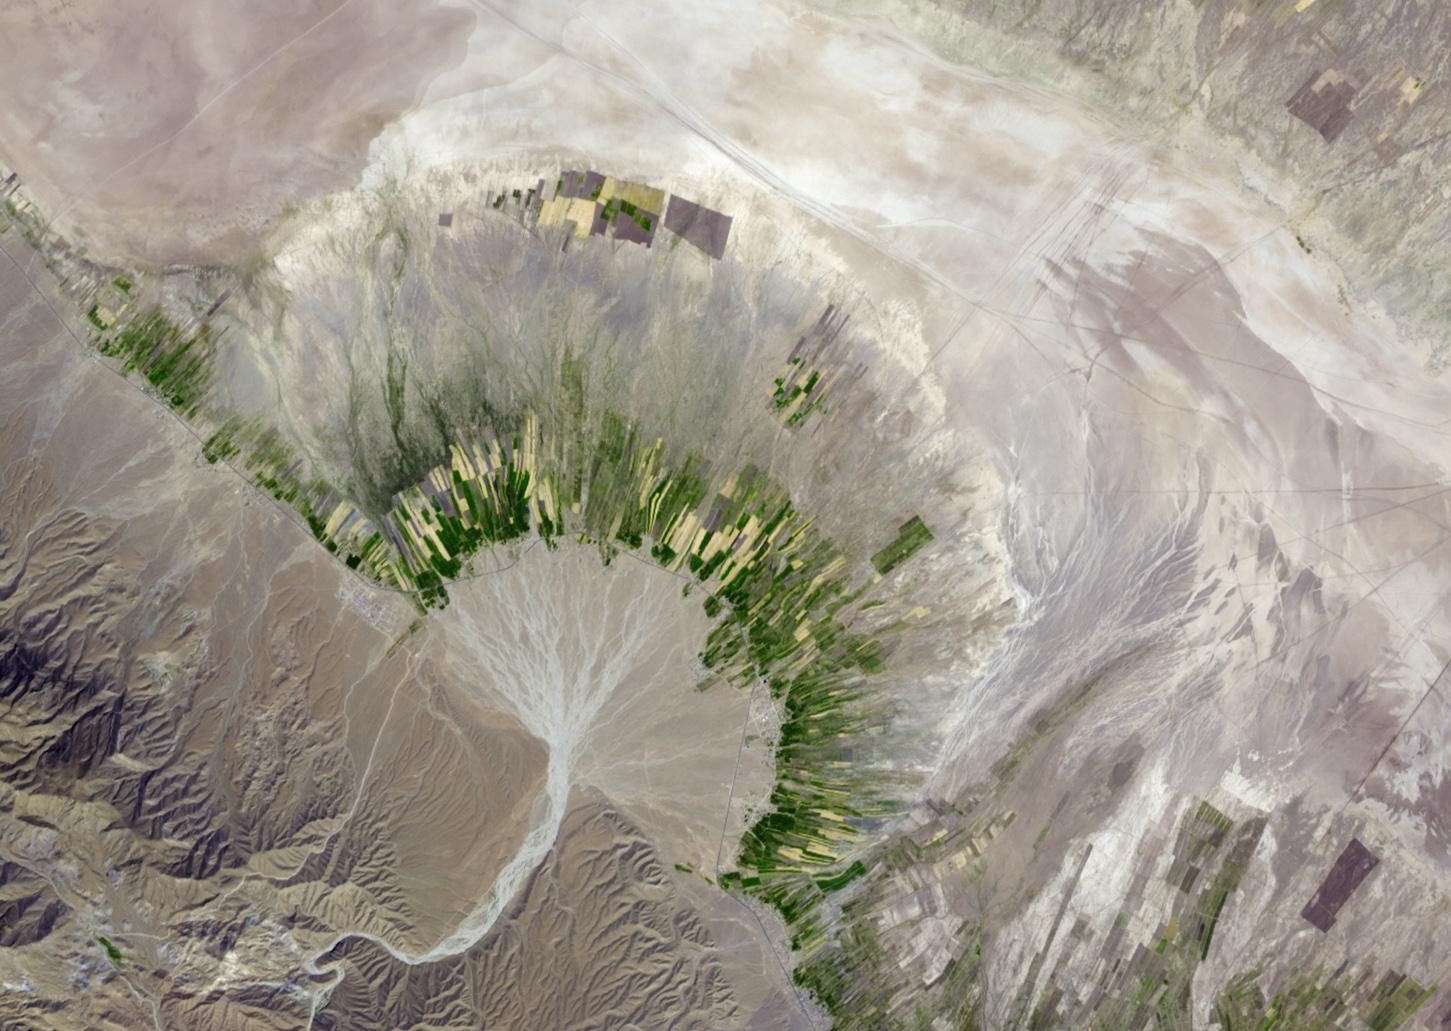 Alluvial fan in Iran